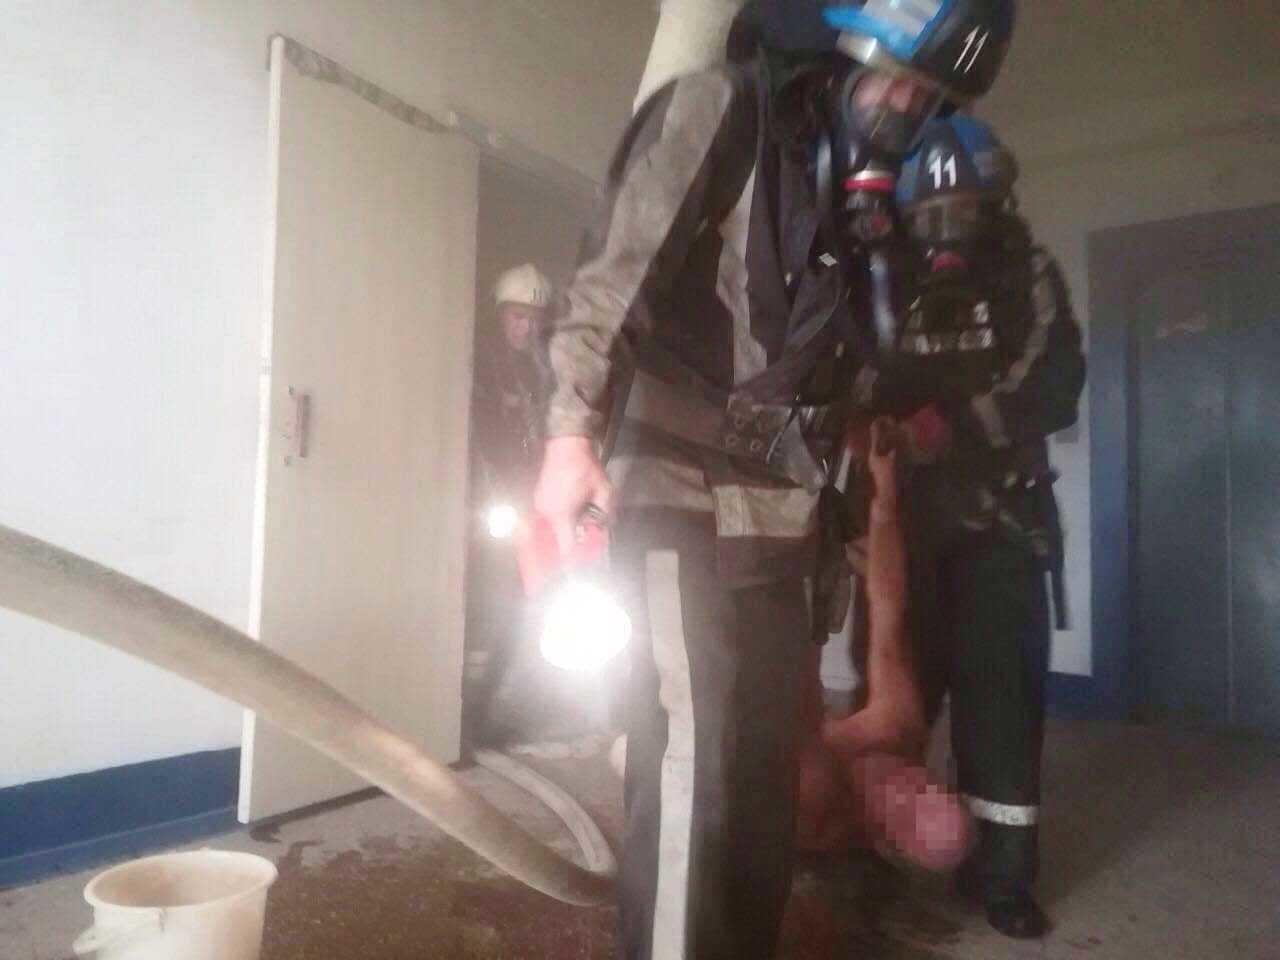 В Днепропетровской области горела квартира с пожилыми людьми, - ФОТО, ВИДЕО, фото-4